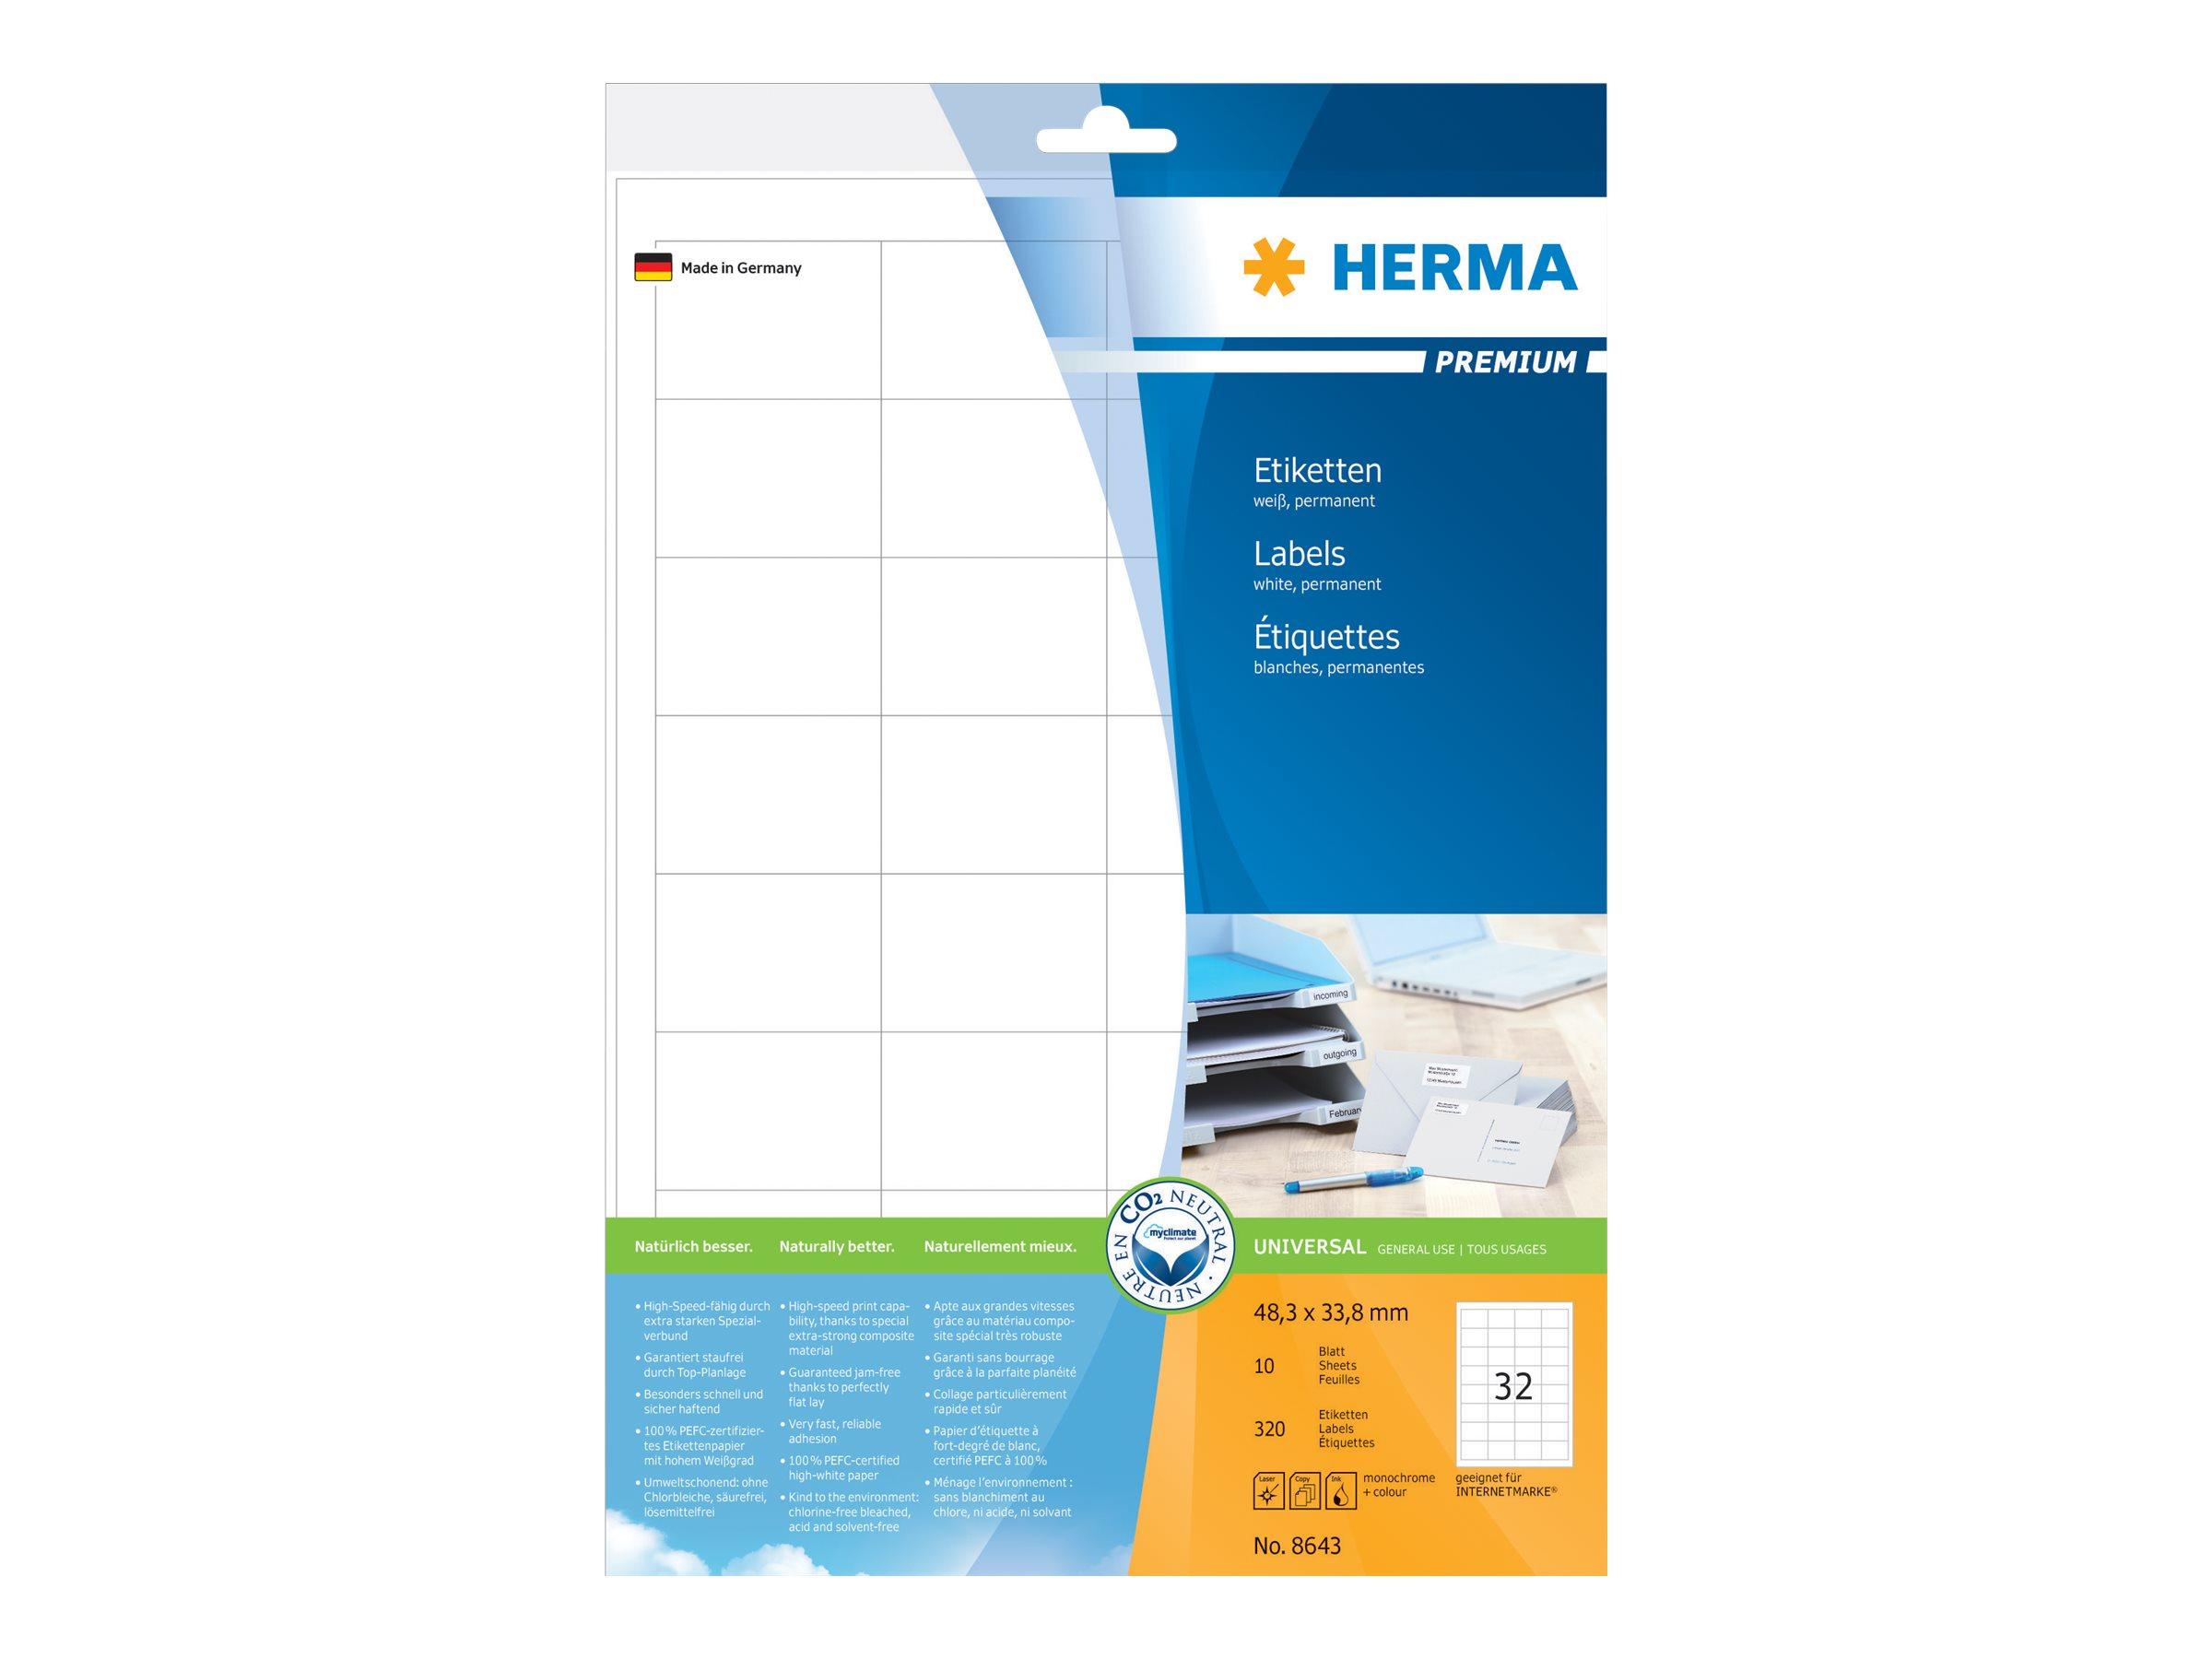 HERMA Premium - Papier - matt - permanent selbstklebend - weiß - 48.3 x 33.8 mm 320 Etikett(en) (10 Bogen x 32)